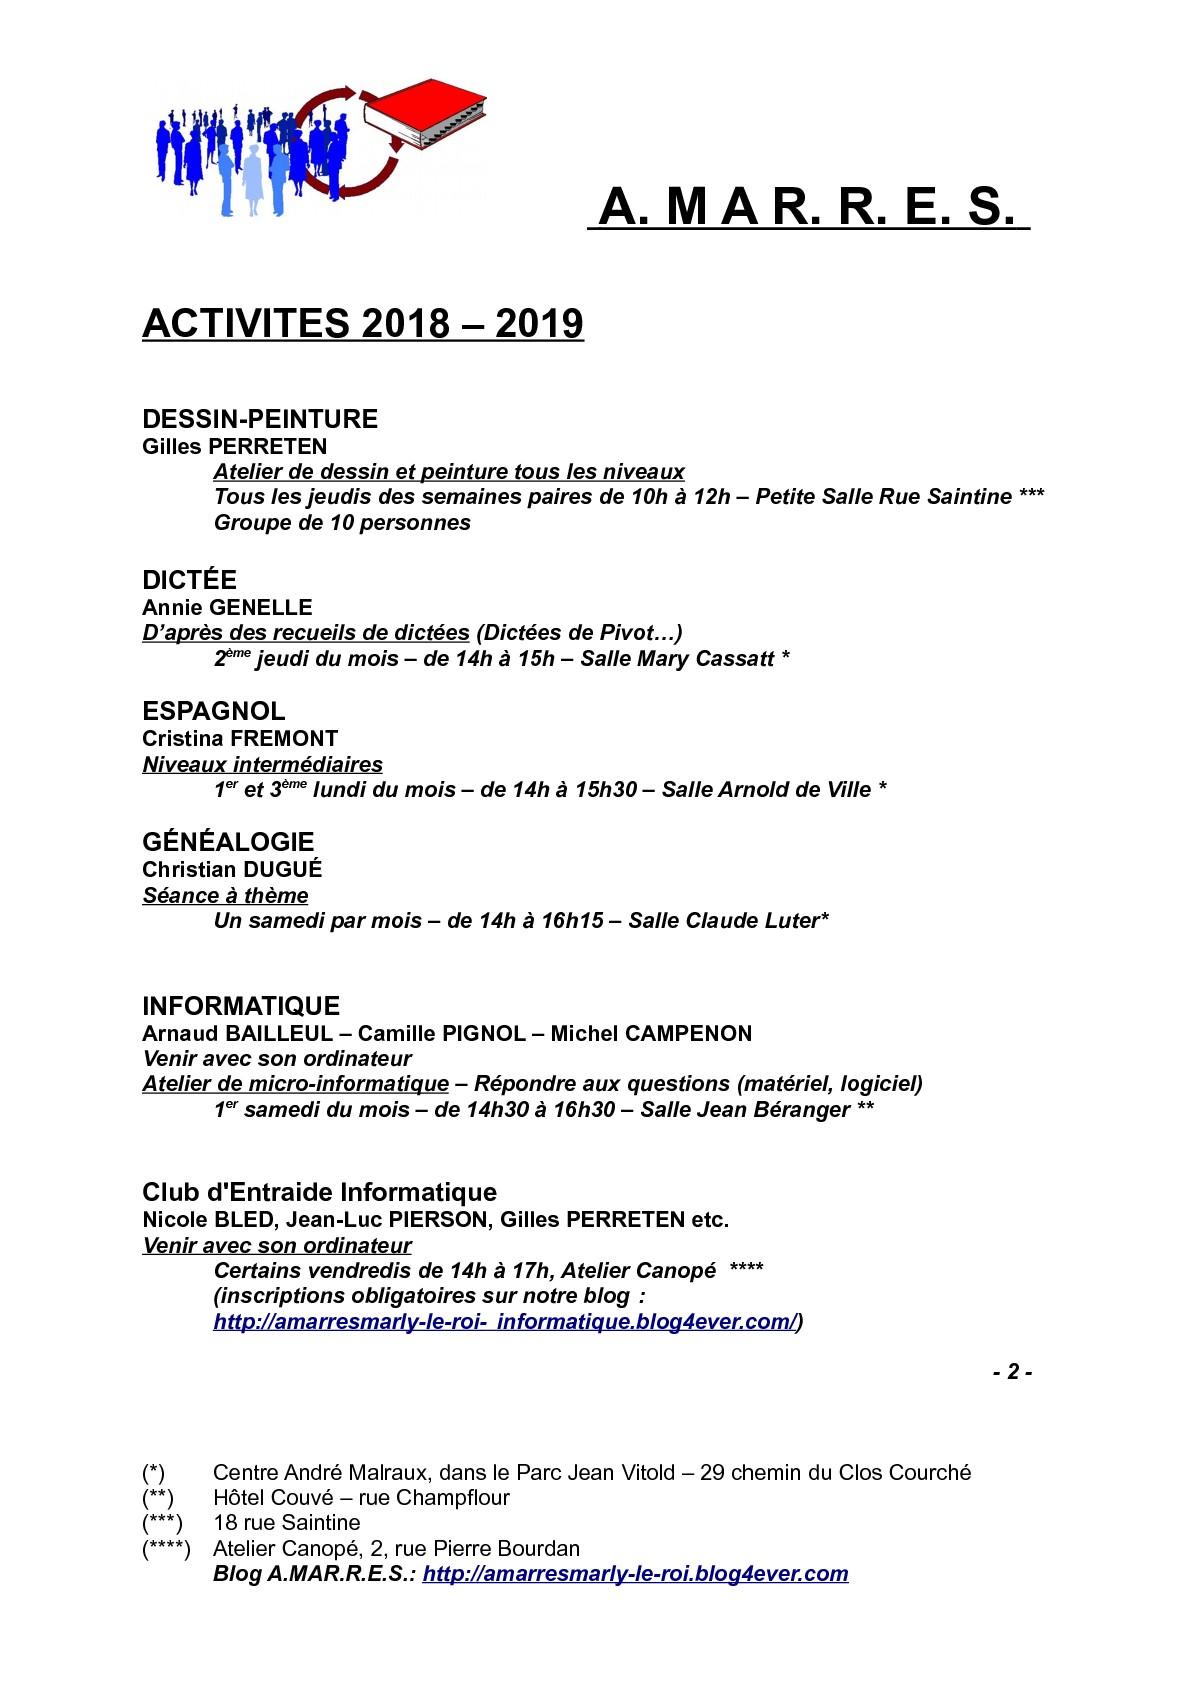 Nos activités 2018-2019-002-002.jpg